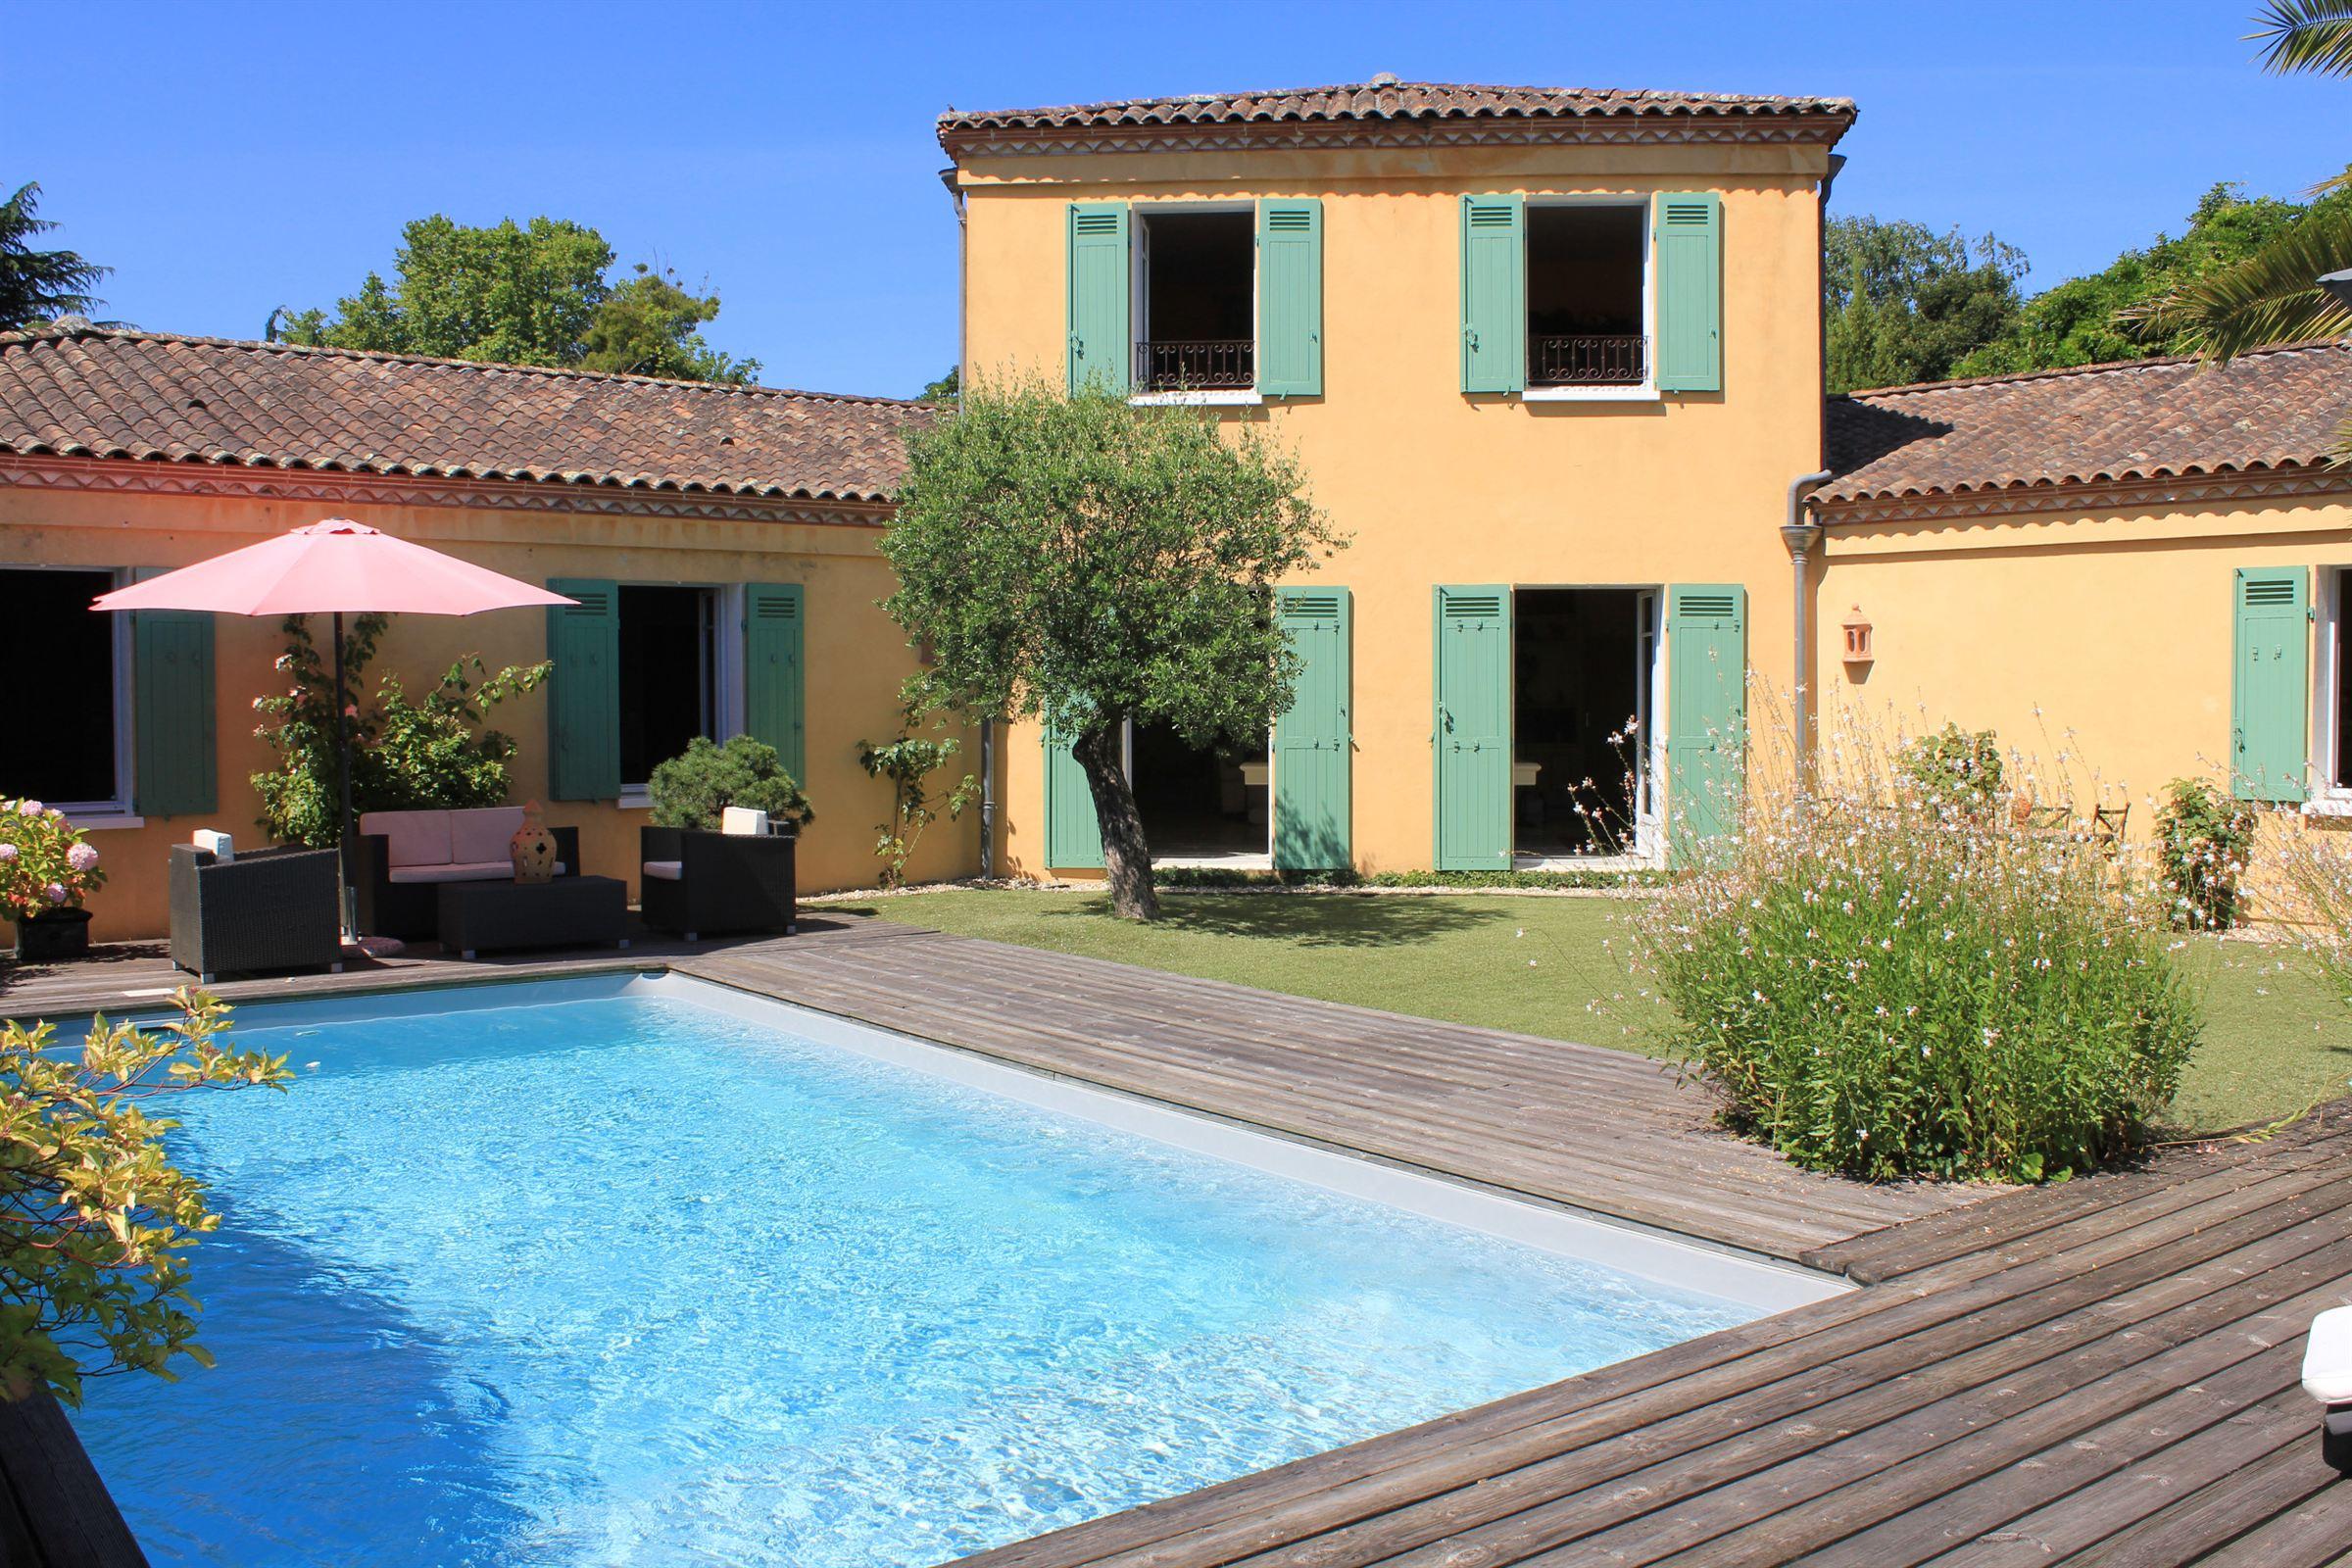 Casa Unifamiliar por un Venta en BORDEAUX – NEAR THE BORDELAIS GOLF COURSE - BEAUTIFUL HOME WITH LARGE GARDEN Bordeaux, Aquitania, 33200 Francia